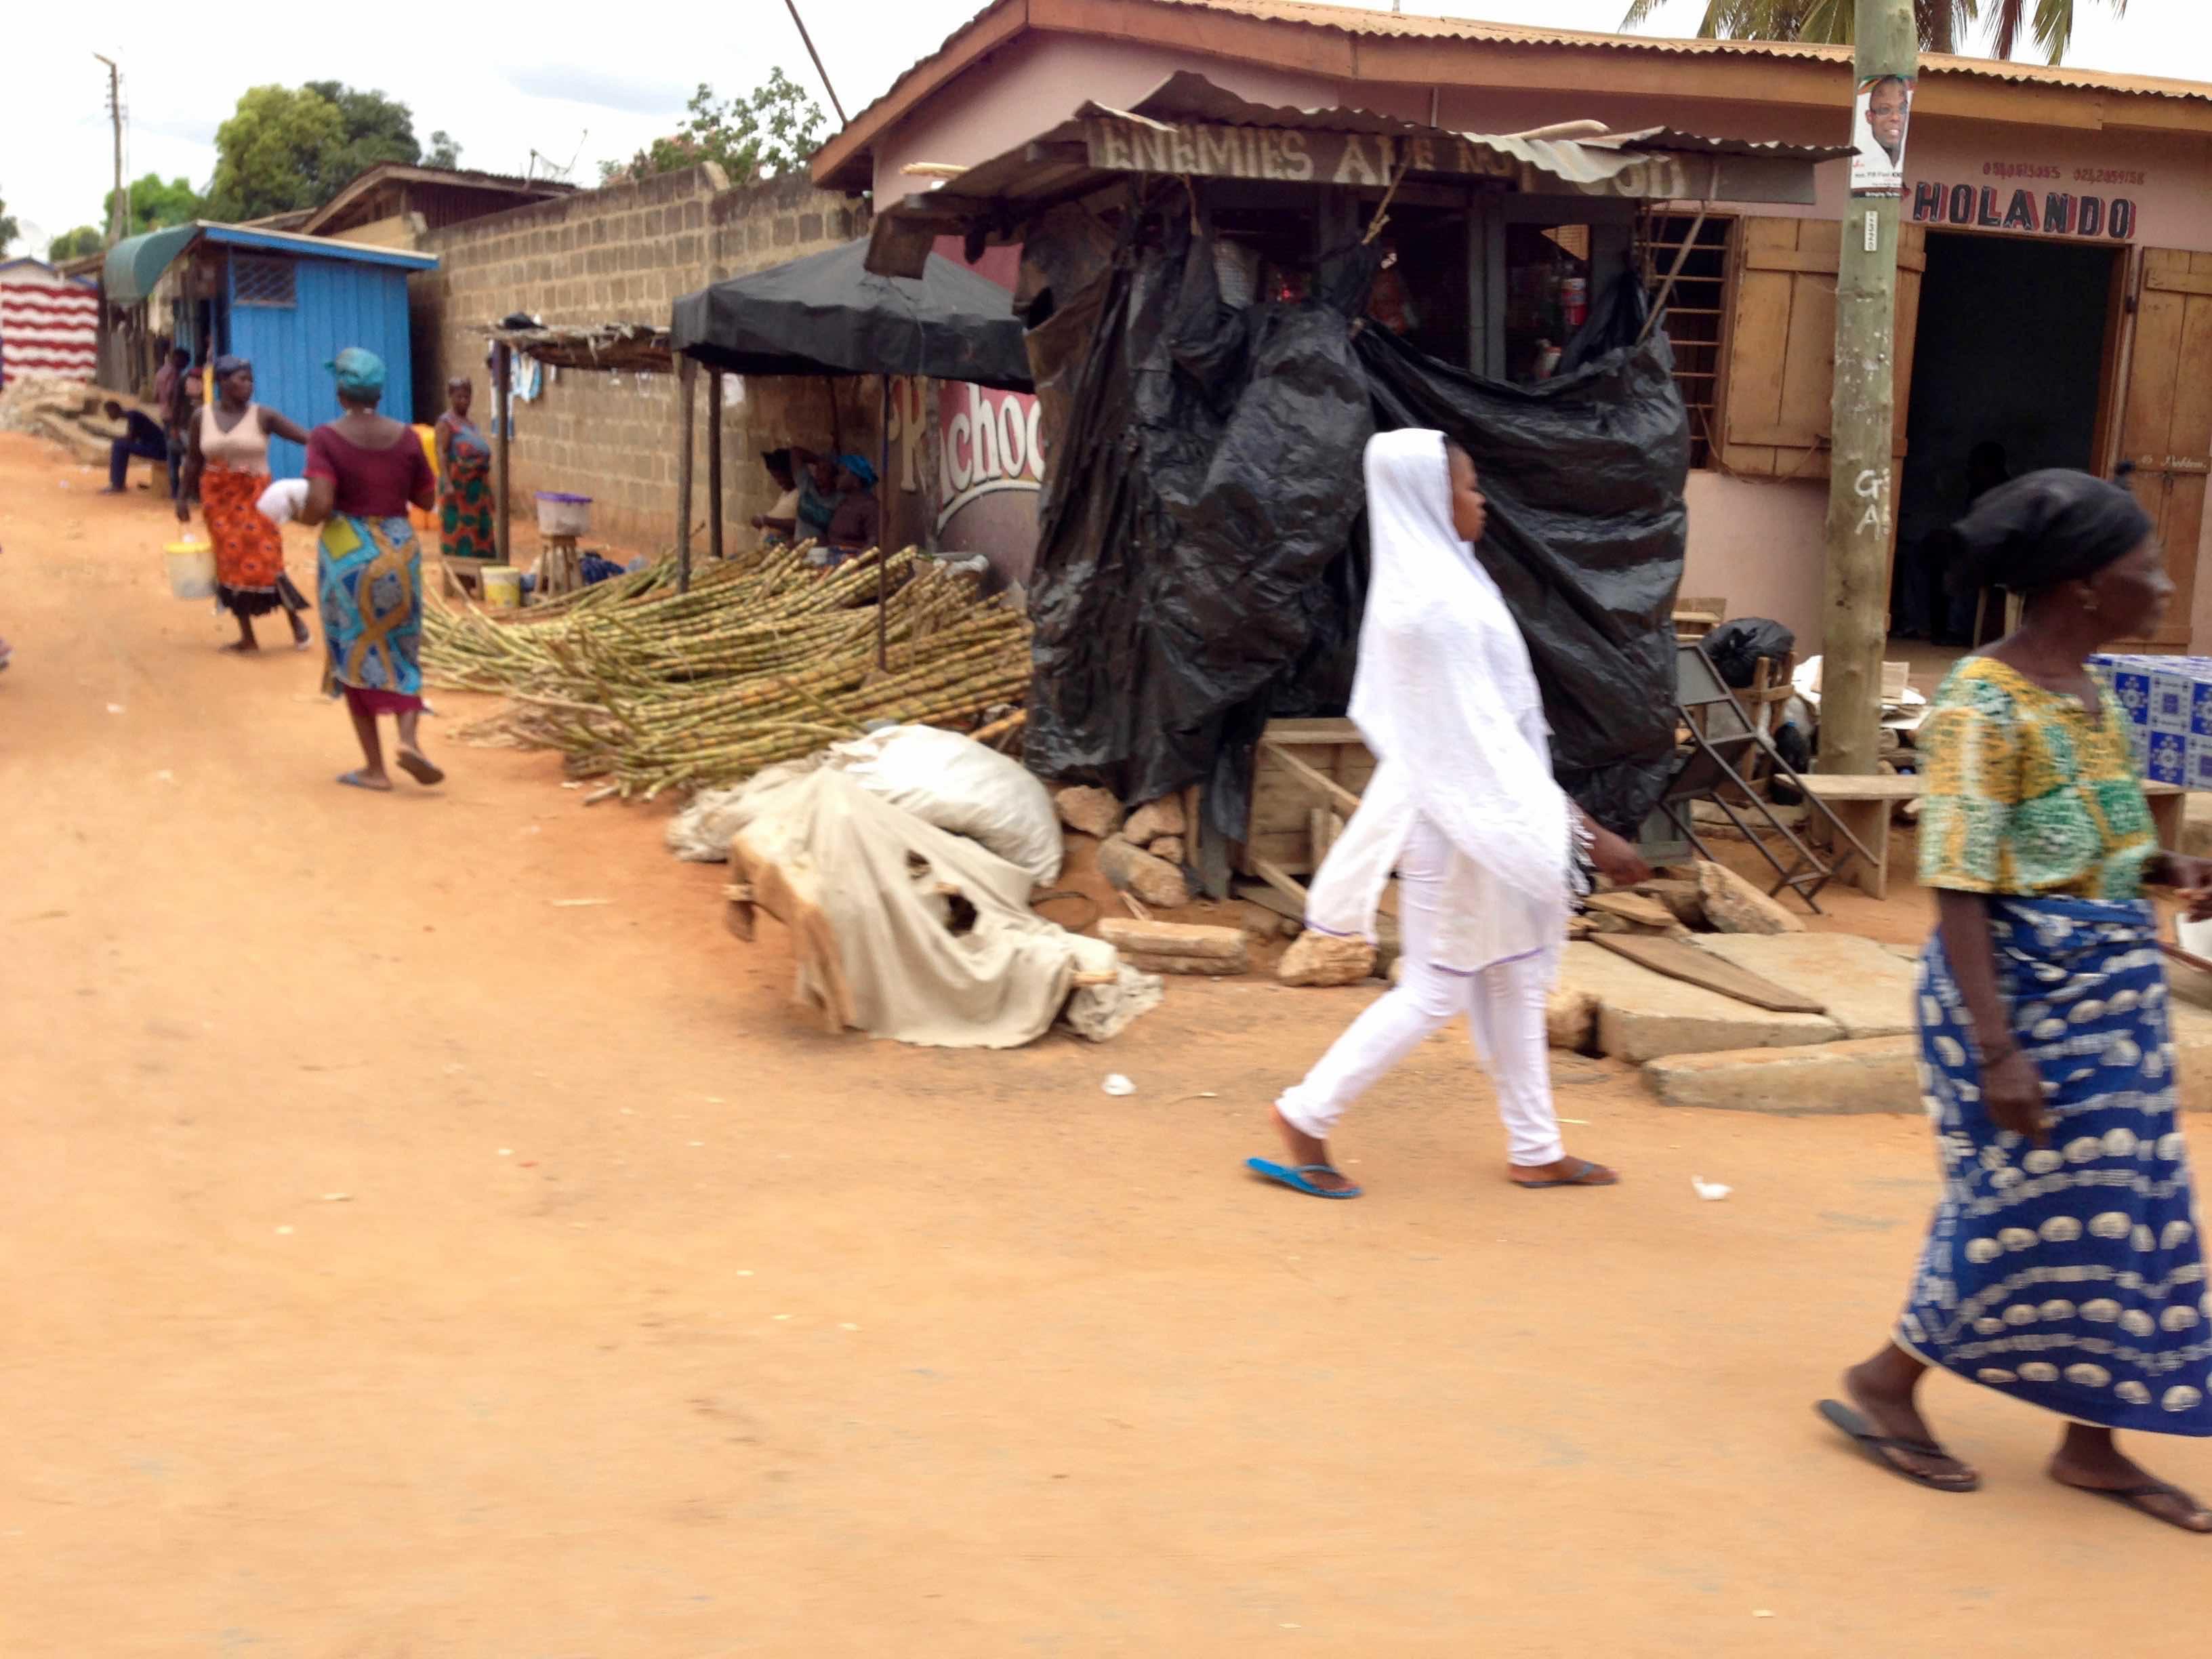 Street scene in Agbosome, Volta, Ghana. #JujuFilms